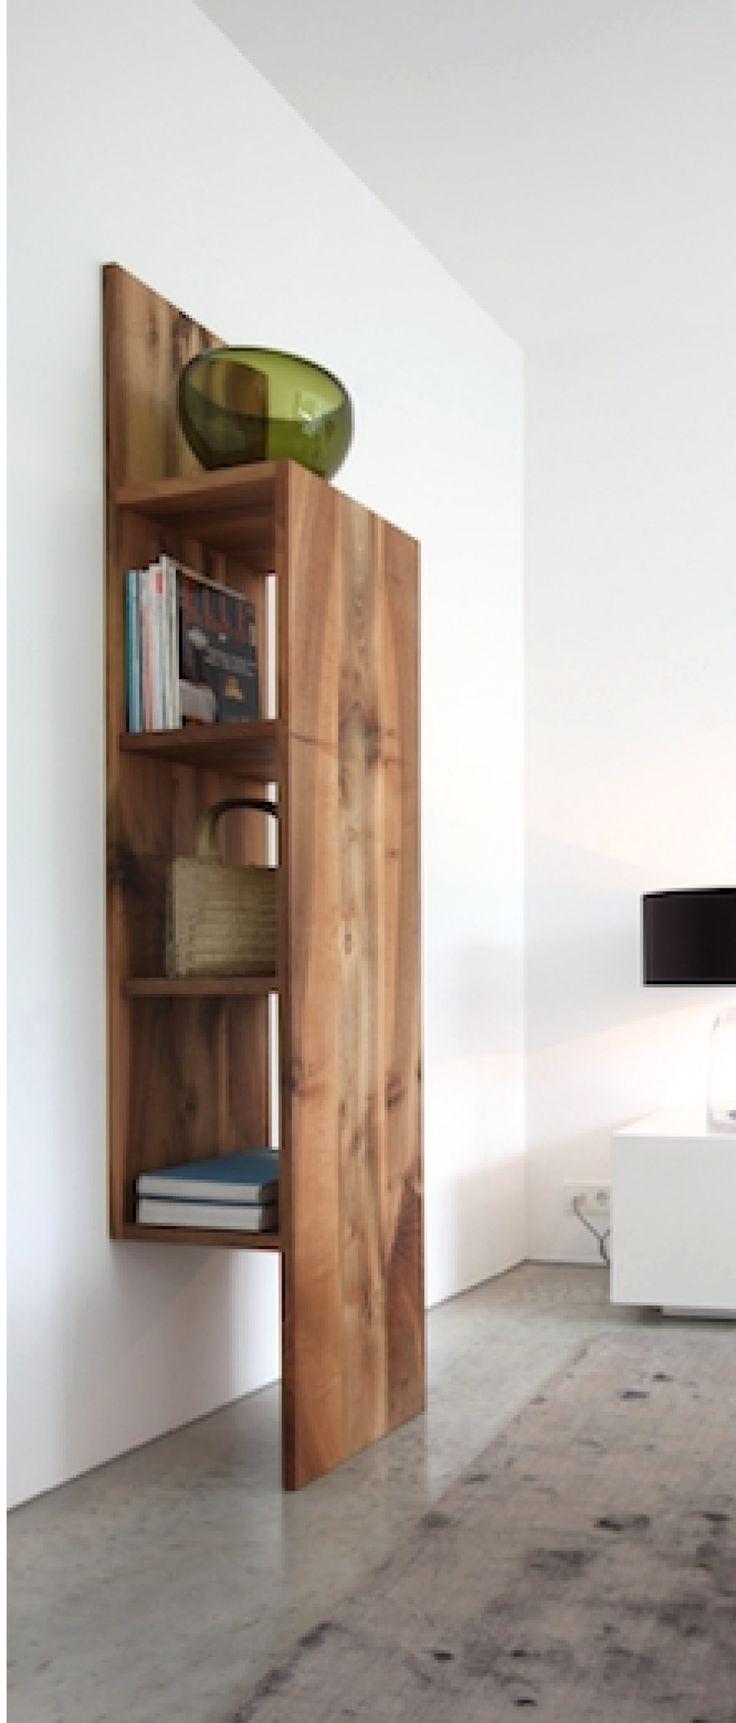 die besten 25 altholz kopfteil ideen auf pinterest moderne betten und kopfteile diy kopfteil. Black Bedroom Furniture Sets. Home Design Ideas